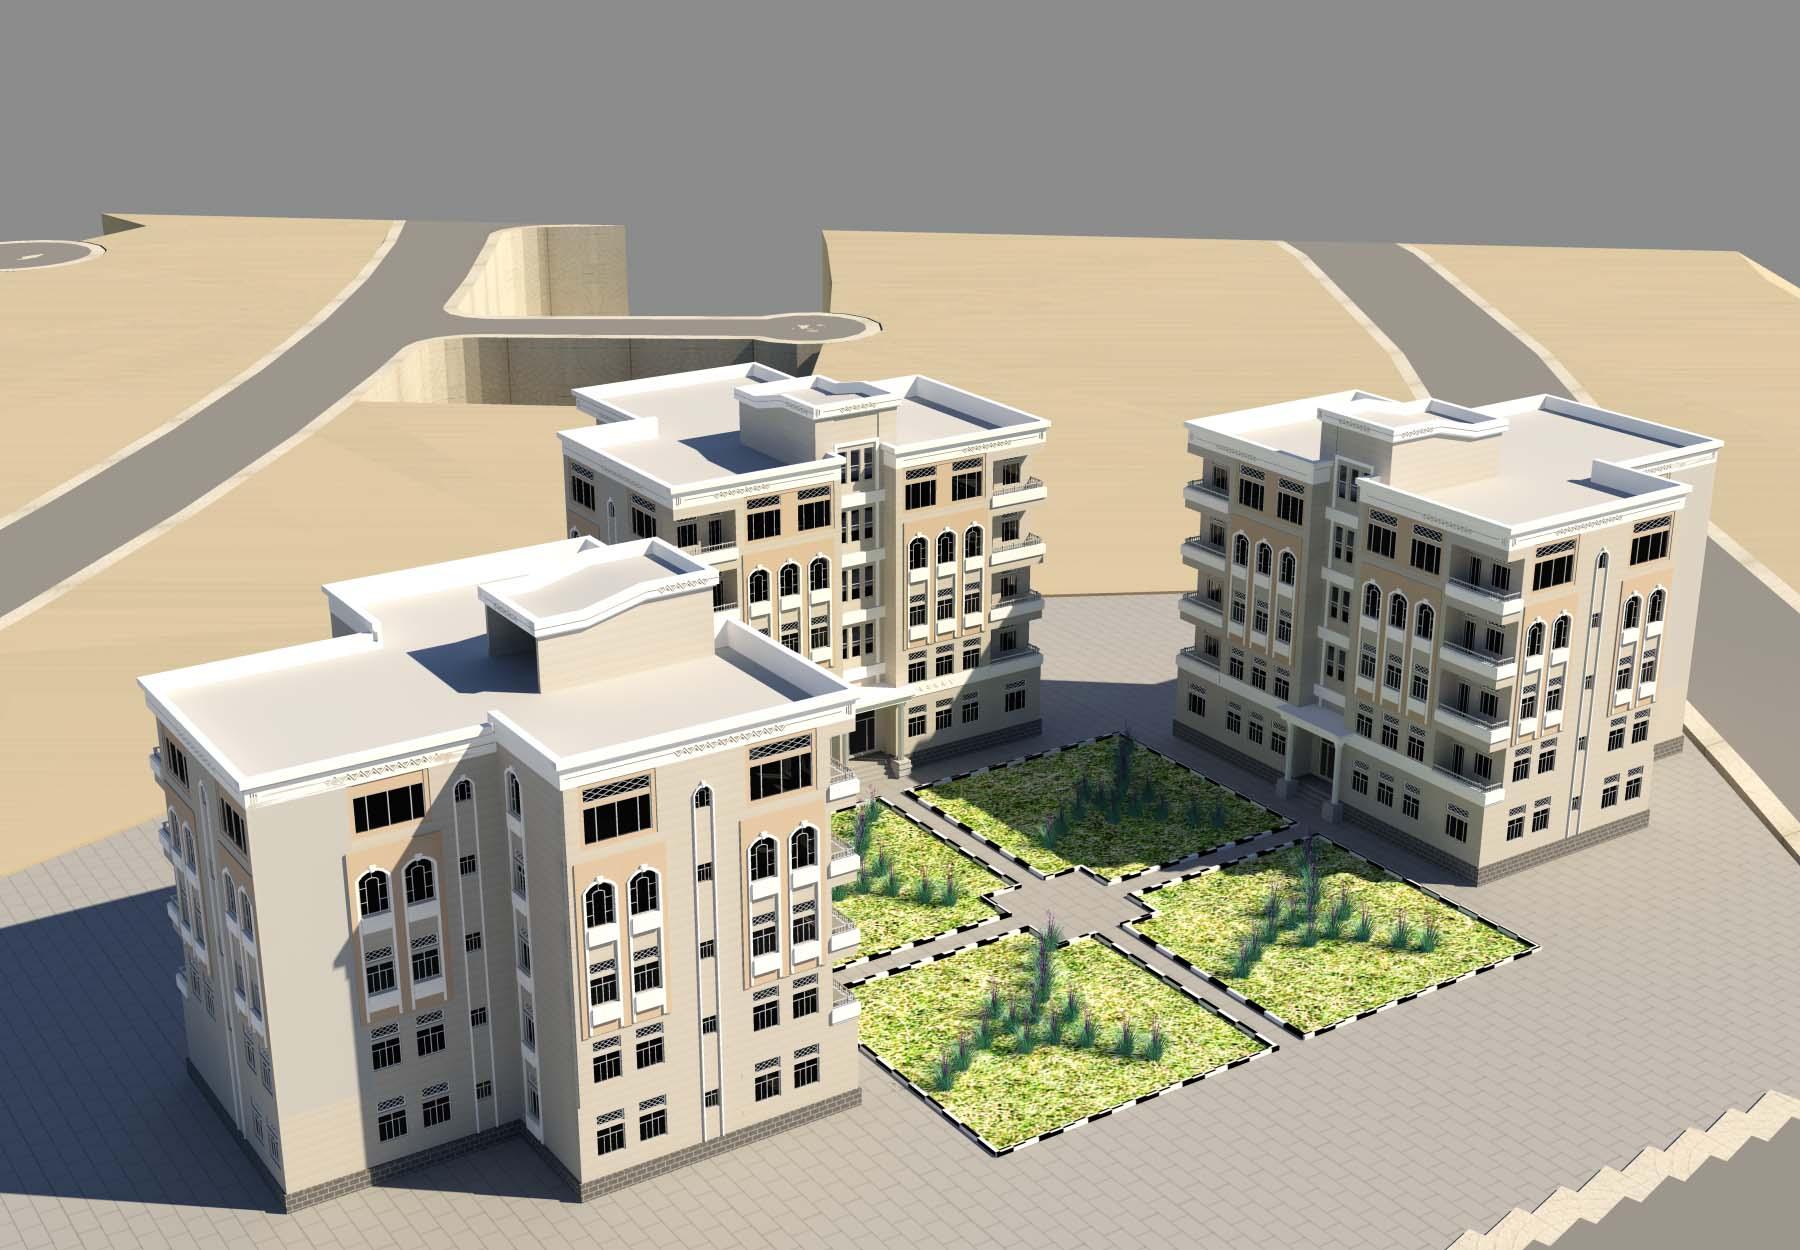 شقة سكنية مائة واربعون متر مربع